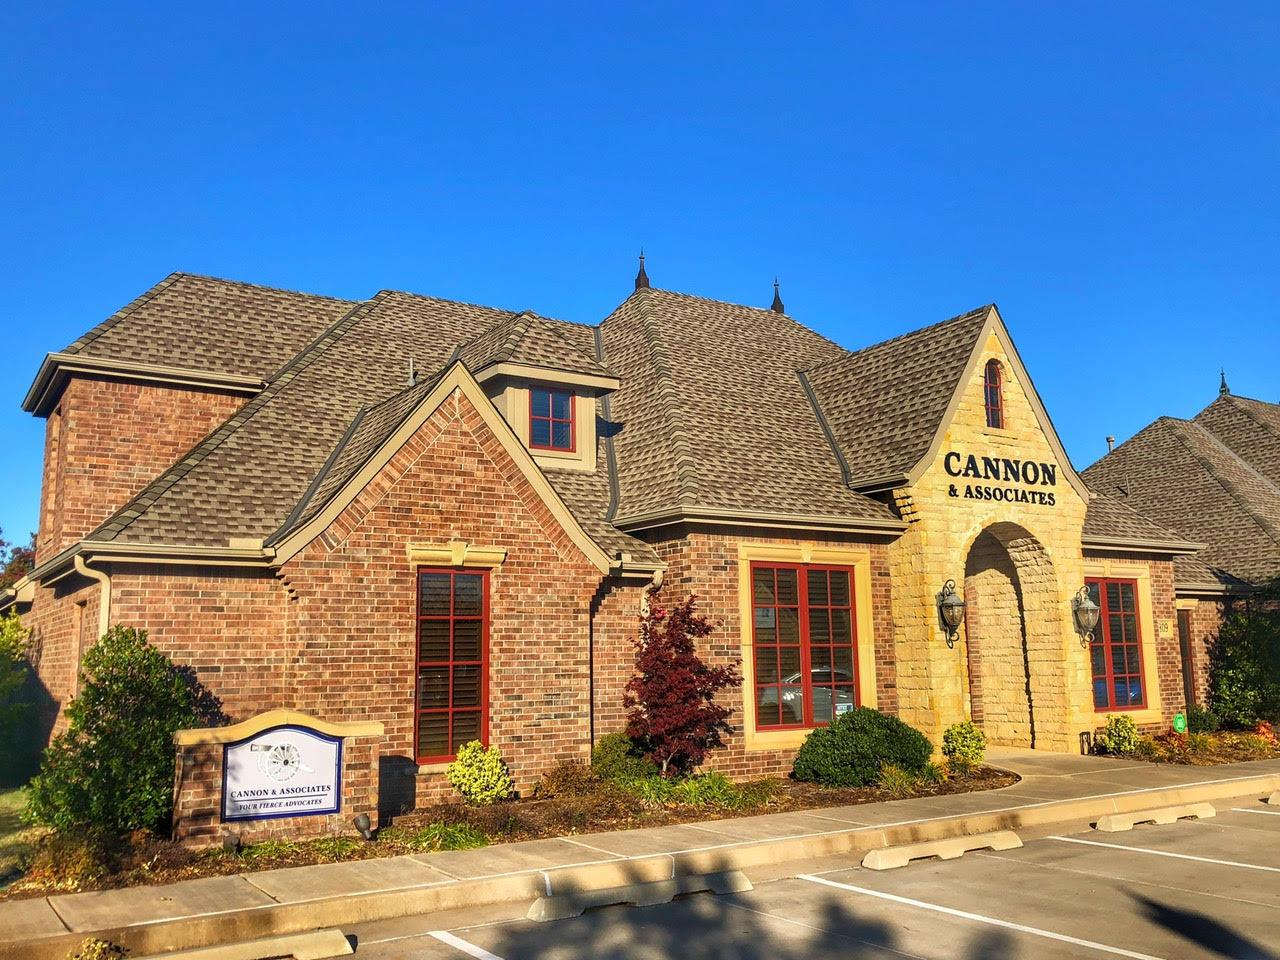 Cannon & Associates reviews | Criminal Defense Law at 809 E 33rd St - Edmond OK